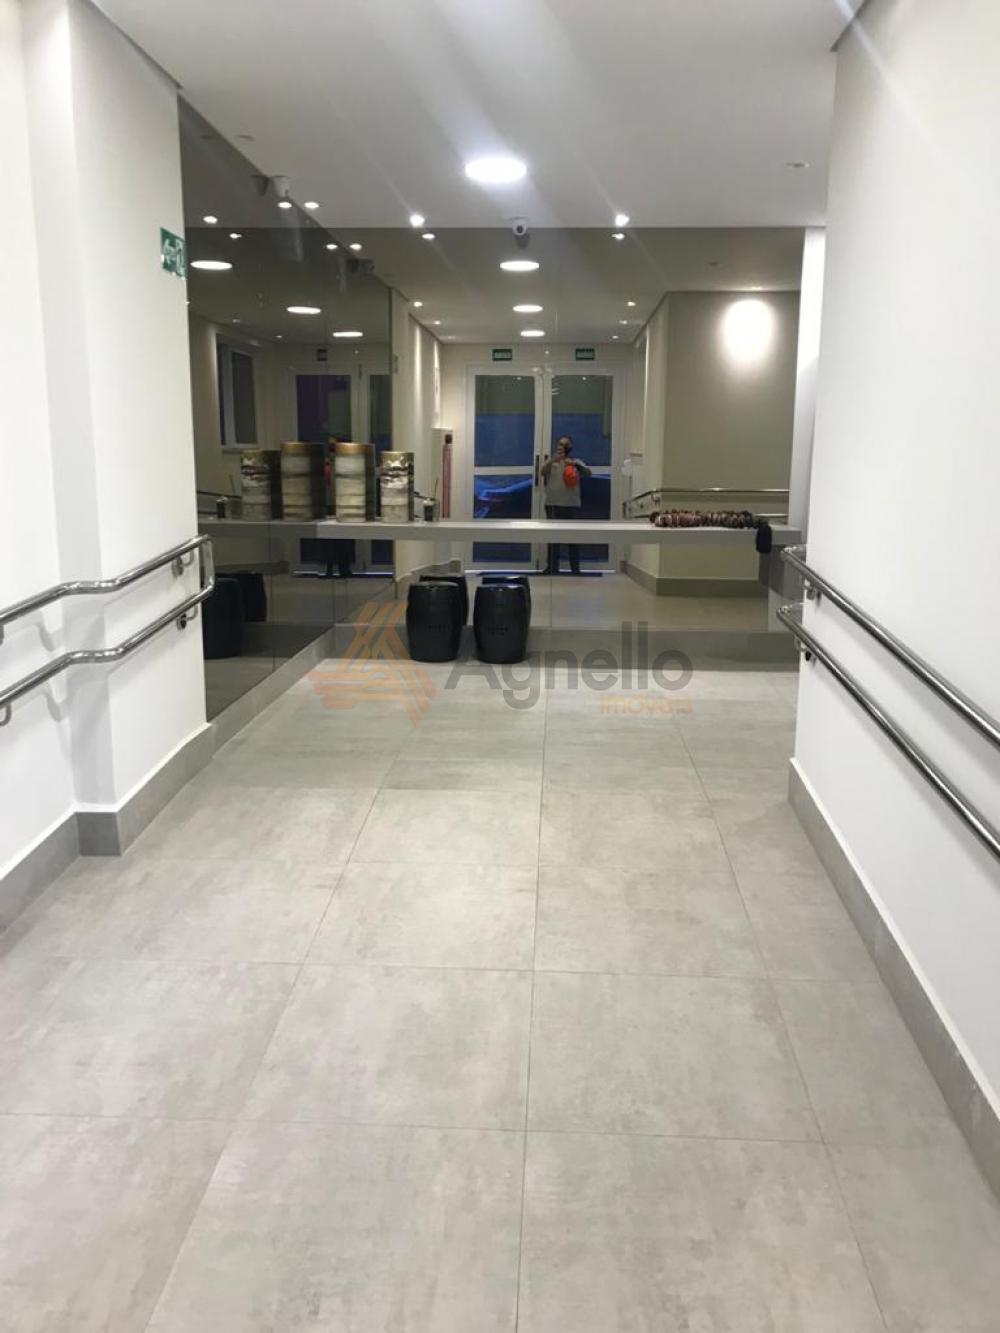 Comprar Apartamento / Padrão em Franca R$ 750.000,00 - Foto 27